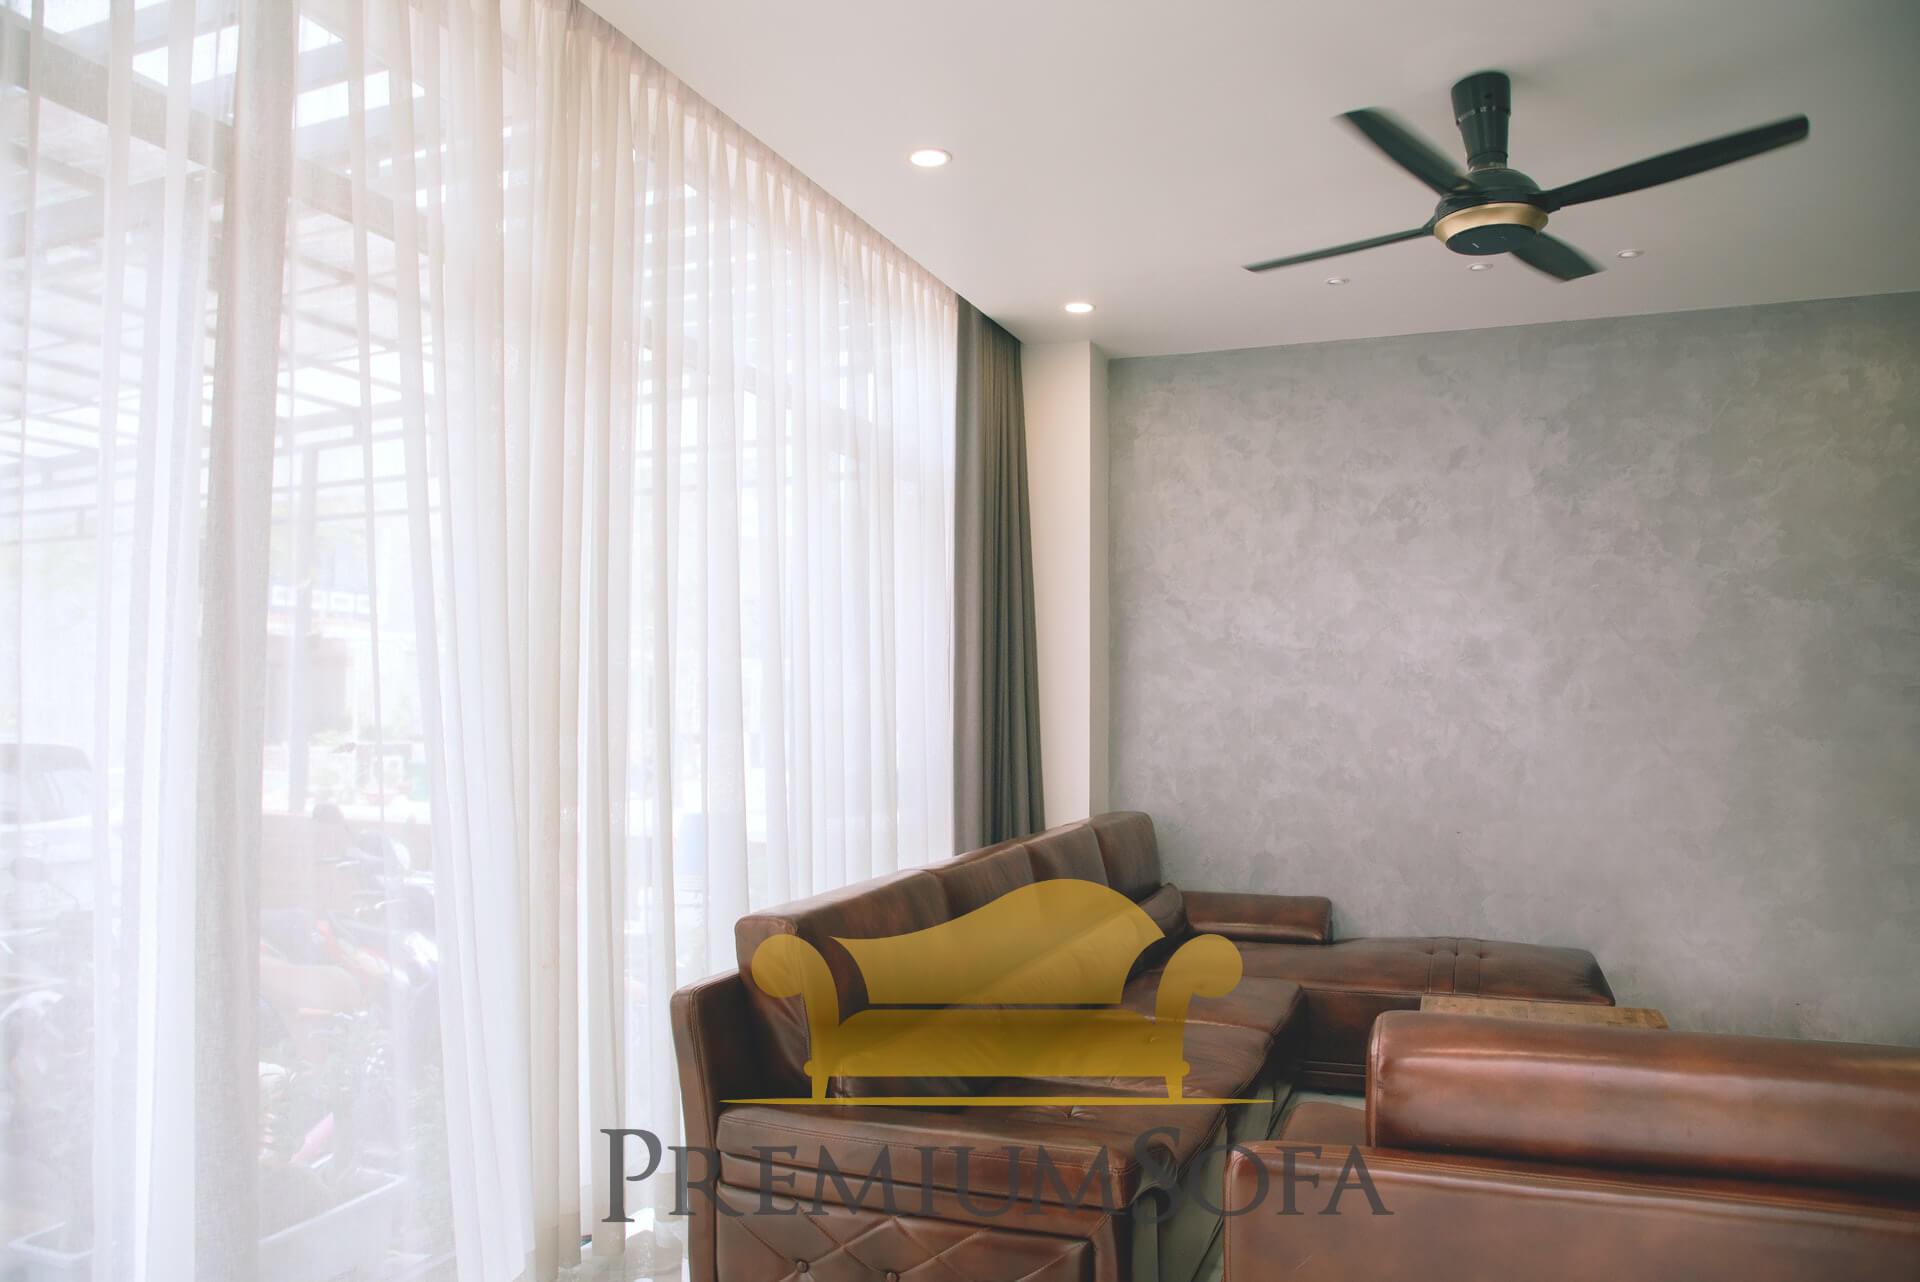 Harga Ganti Kulit Sofa Tangerang